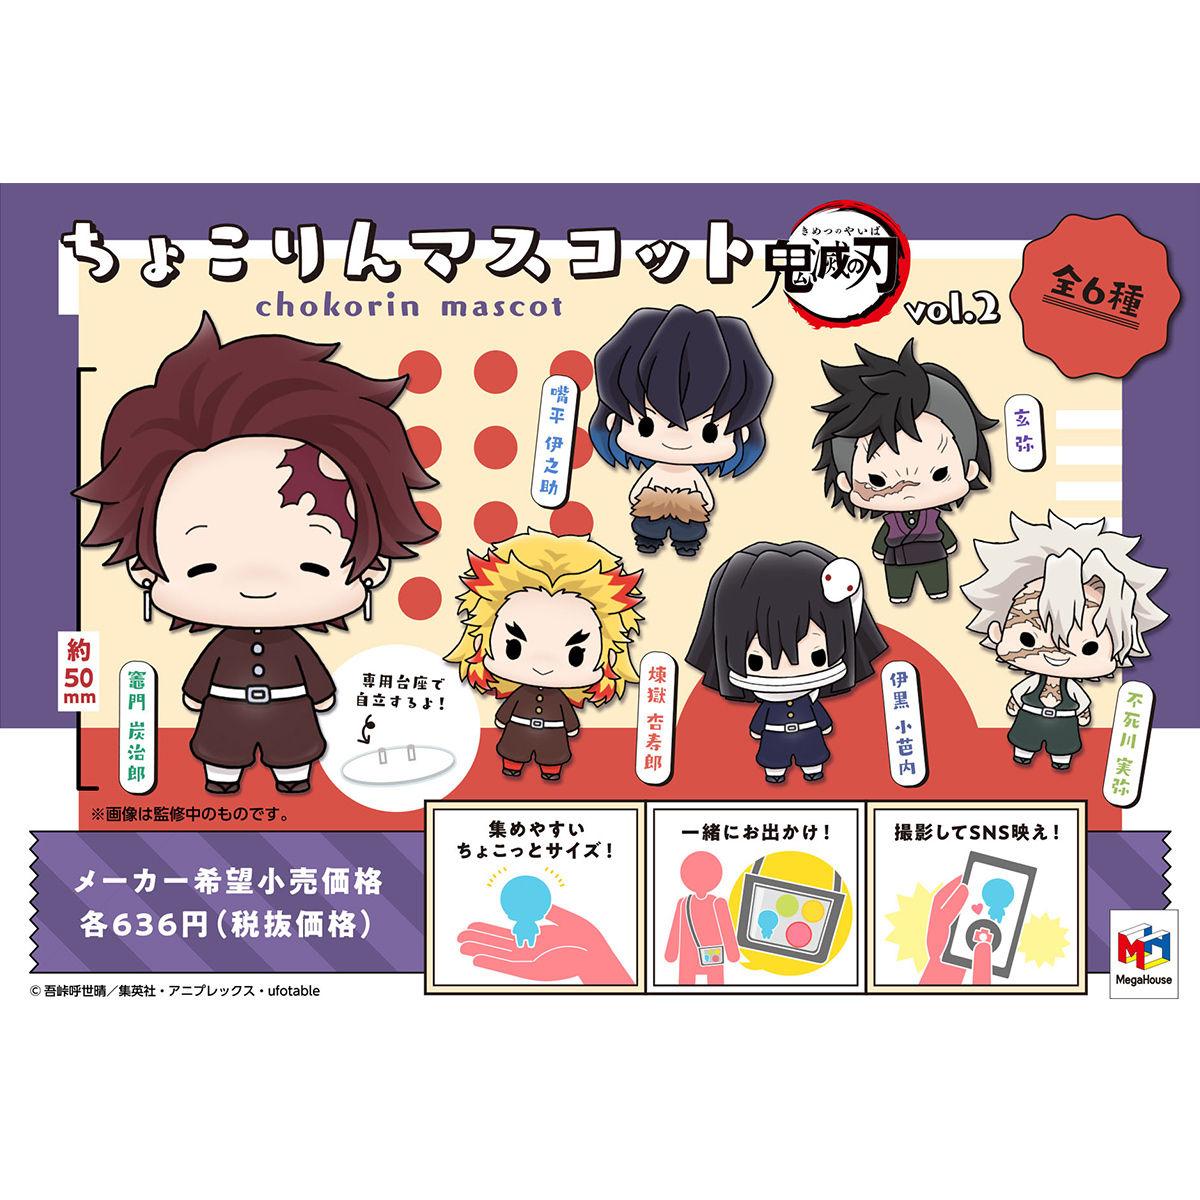 ちょこりんマスコット『鬼滅の刃 Vol.2』6個入りBOX-008